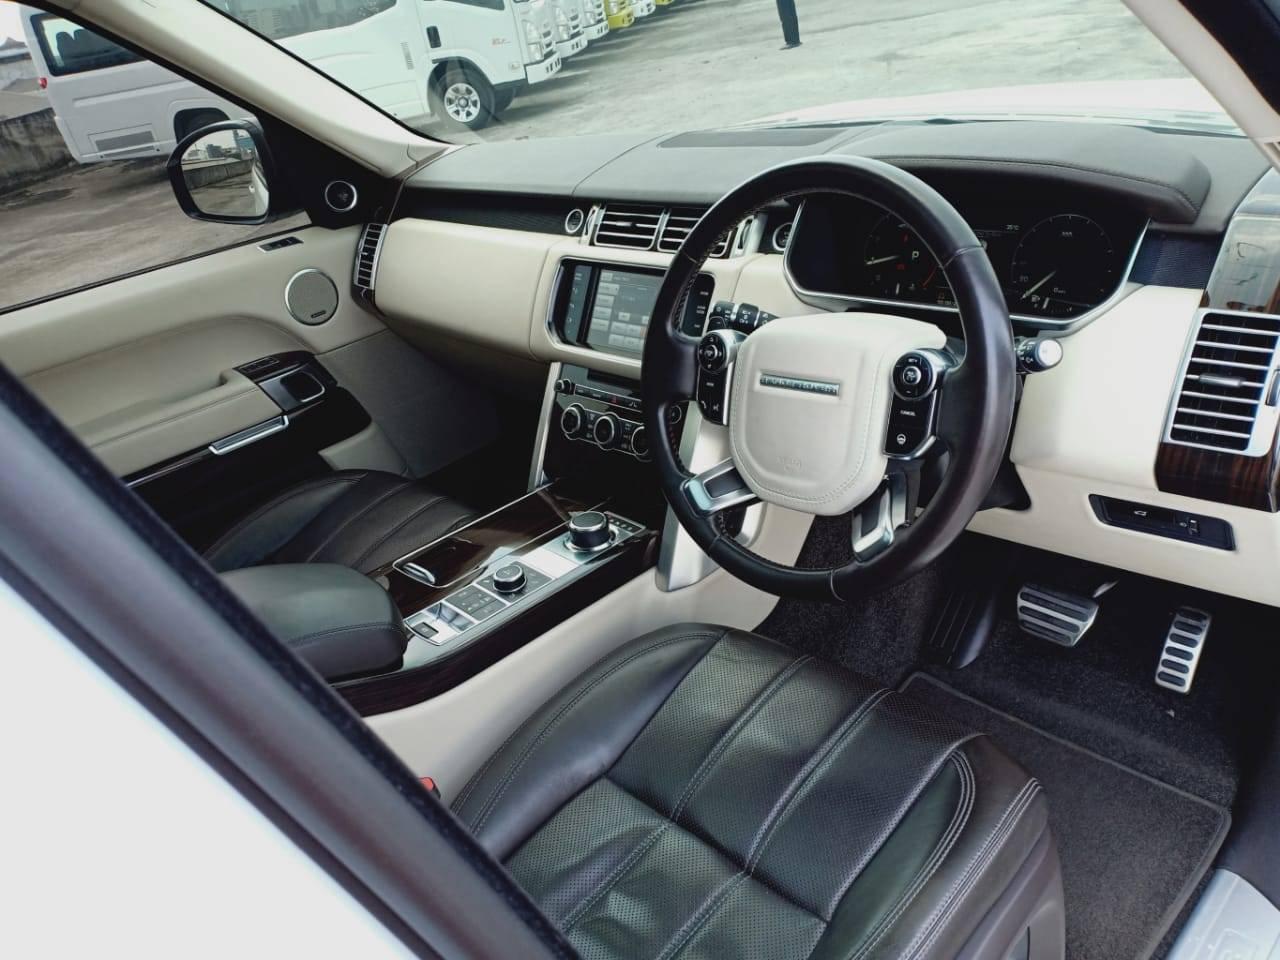 Памятник по цене «Приоры»: обзор Range Rover Vogue III с пробегом 400 тыс. км